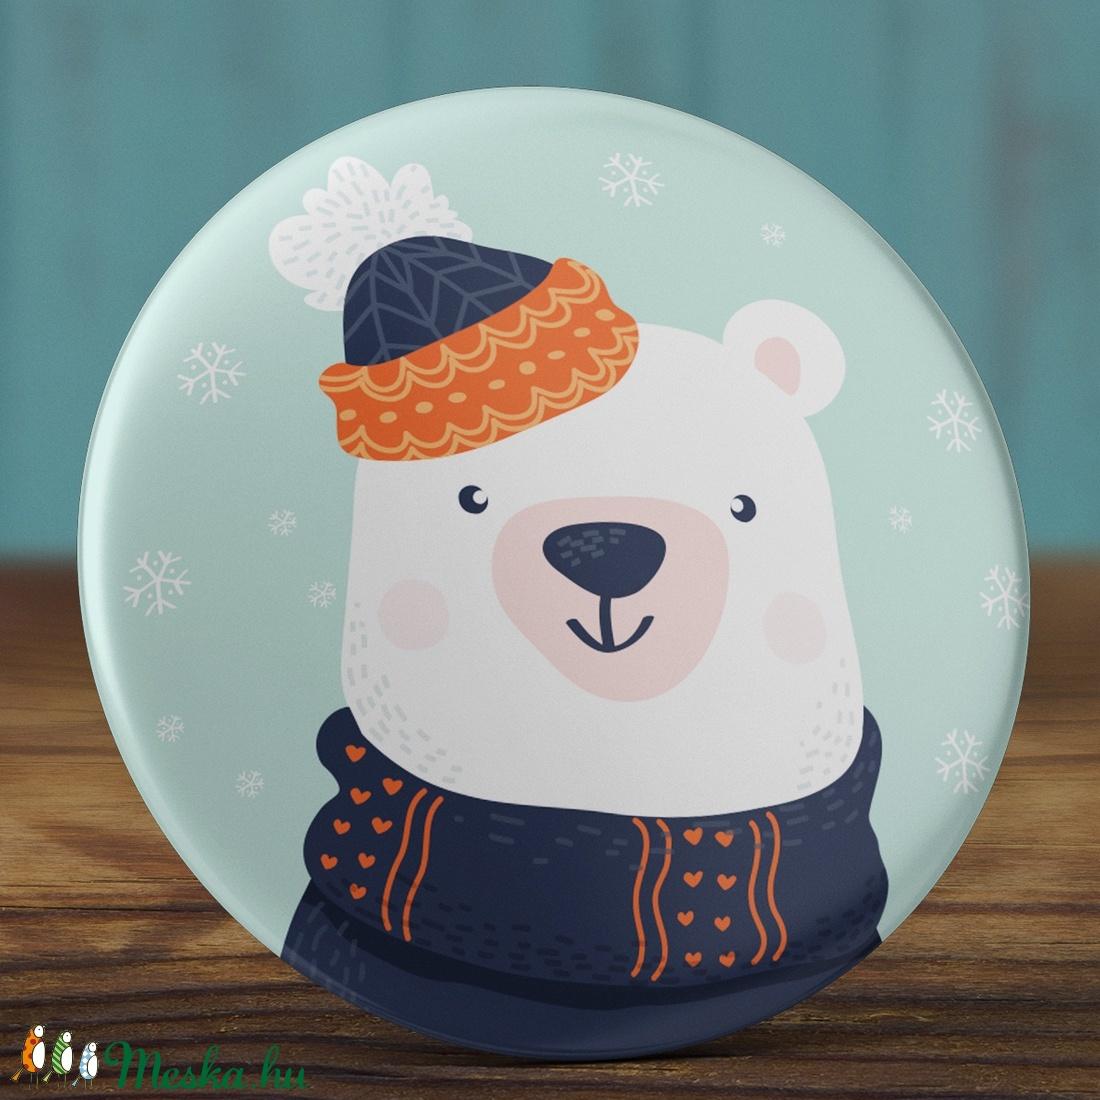 Karácsonyi mágnes - Jegesmedve mágnes - karácsony hűtőmágnes - jegesmedve hűtőmágnes - karácsony ajándék - tél (AngelPin) - Meska.hu